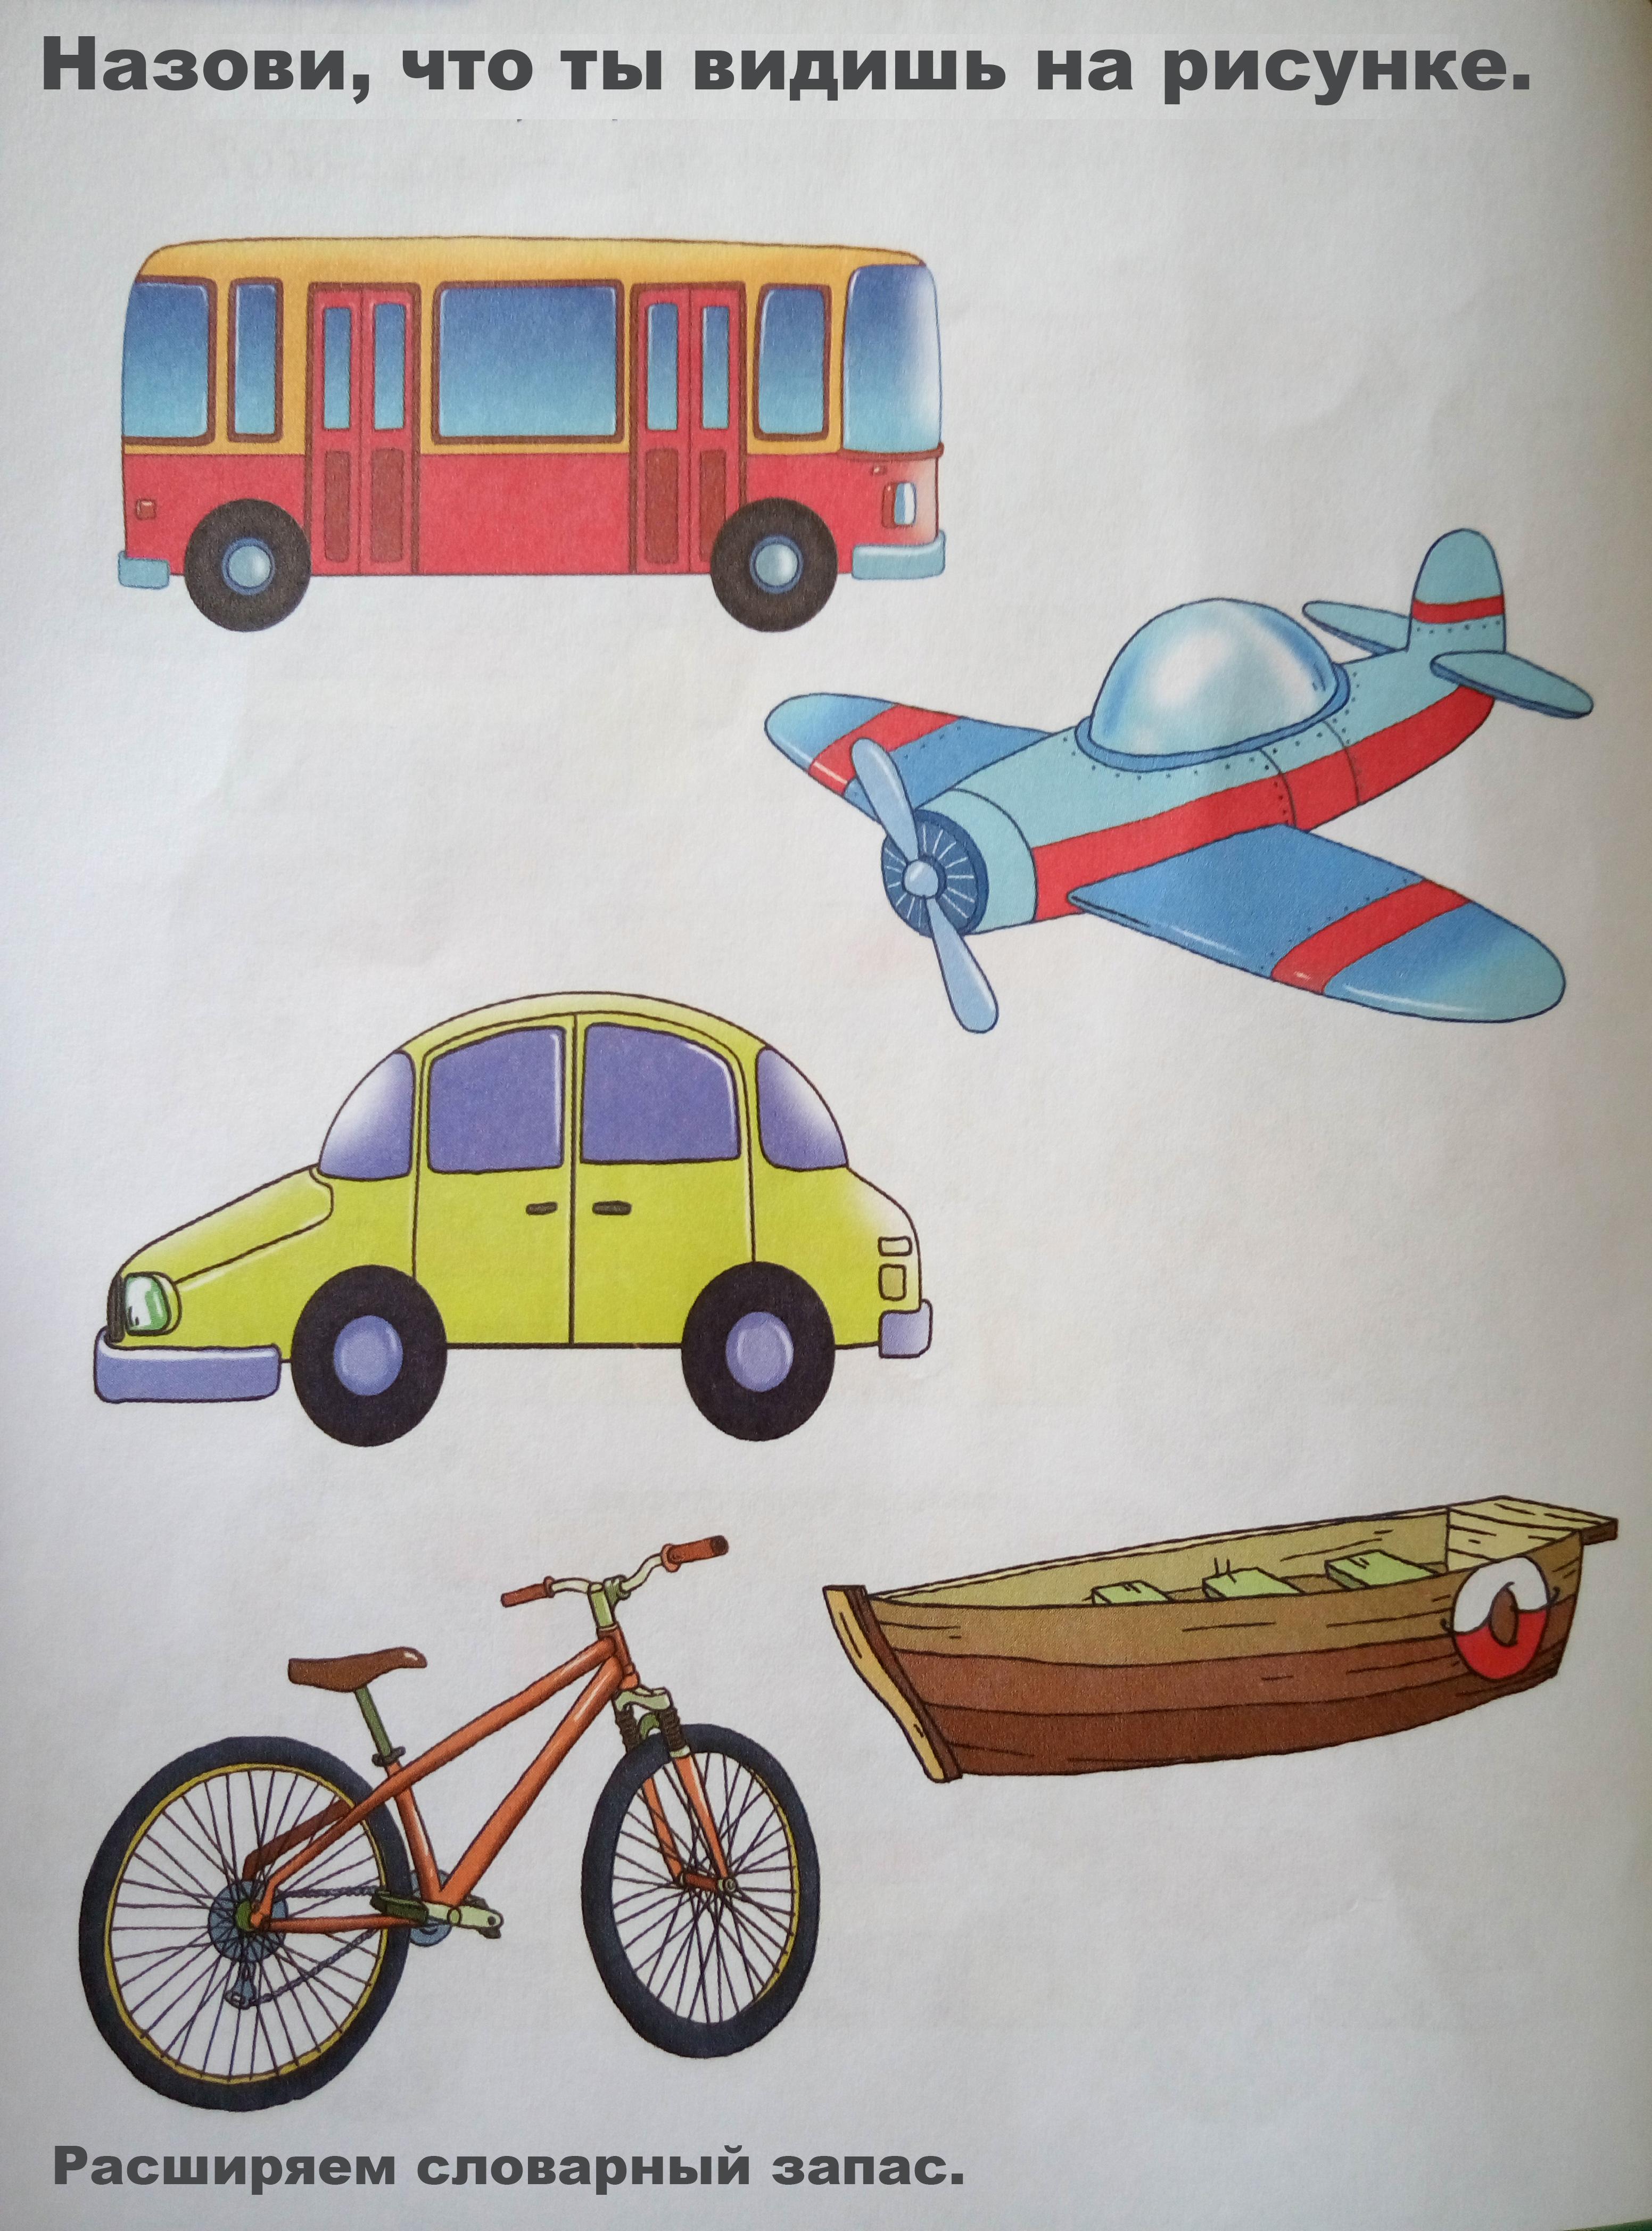 zanyatiya-dlya-detej-s-mamoj-2-3-goda7